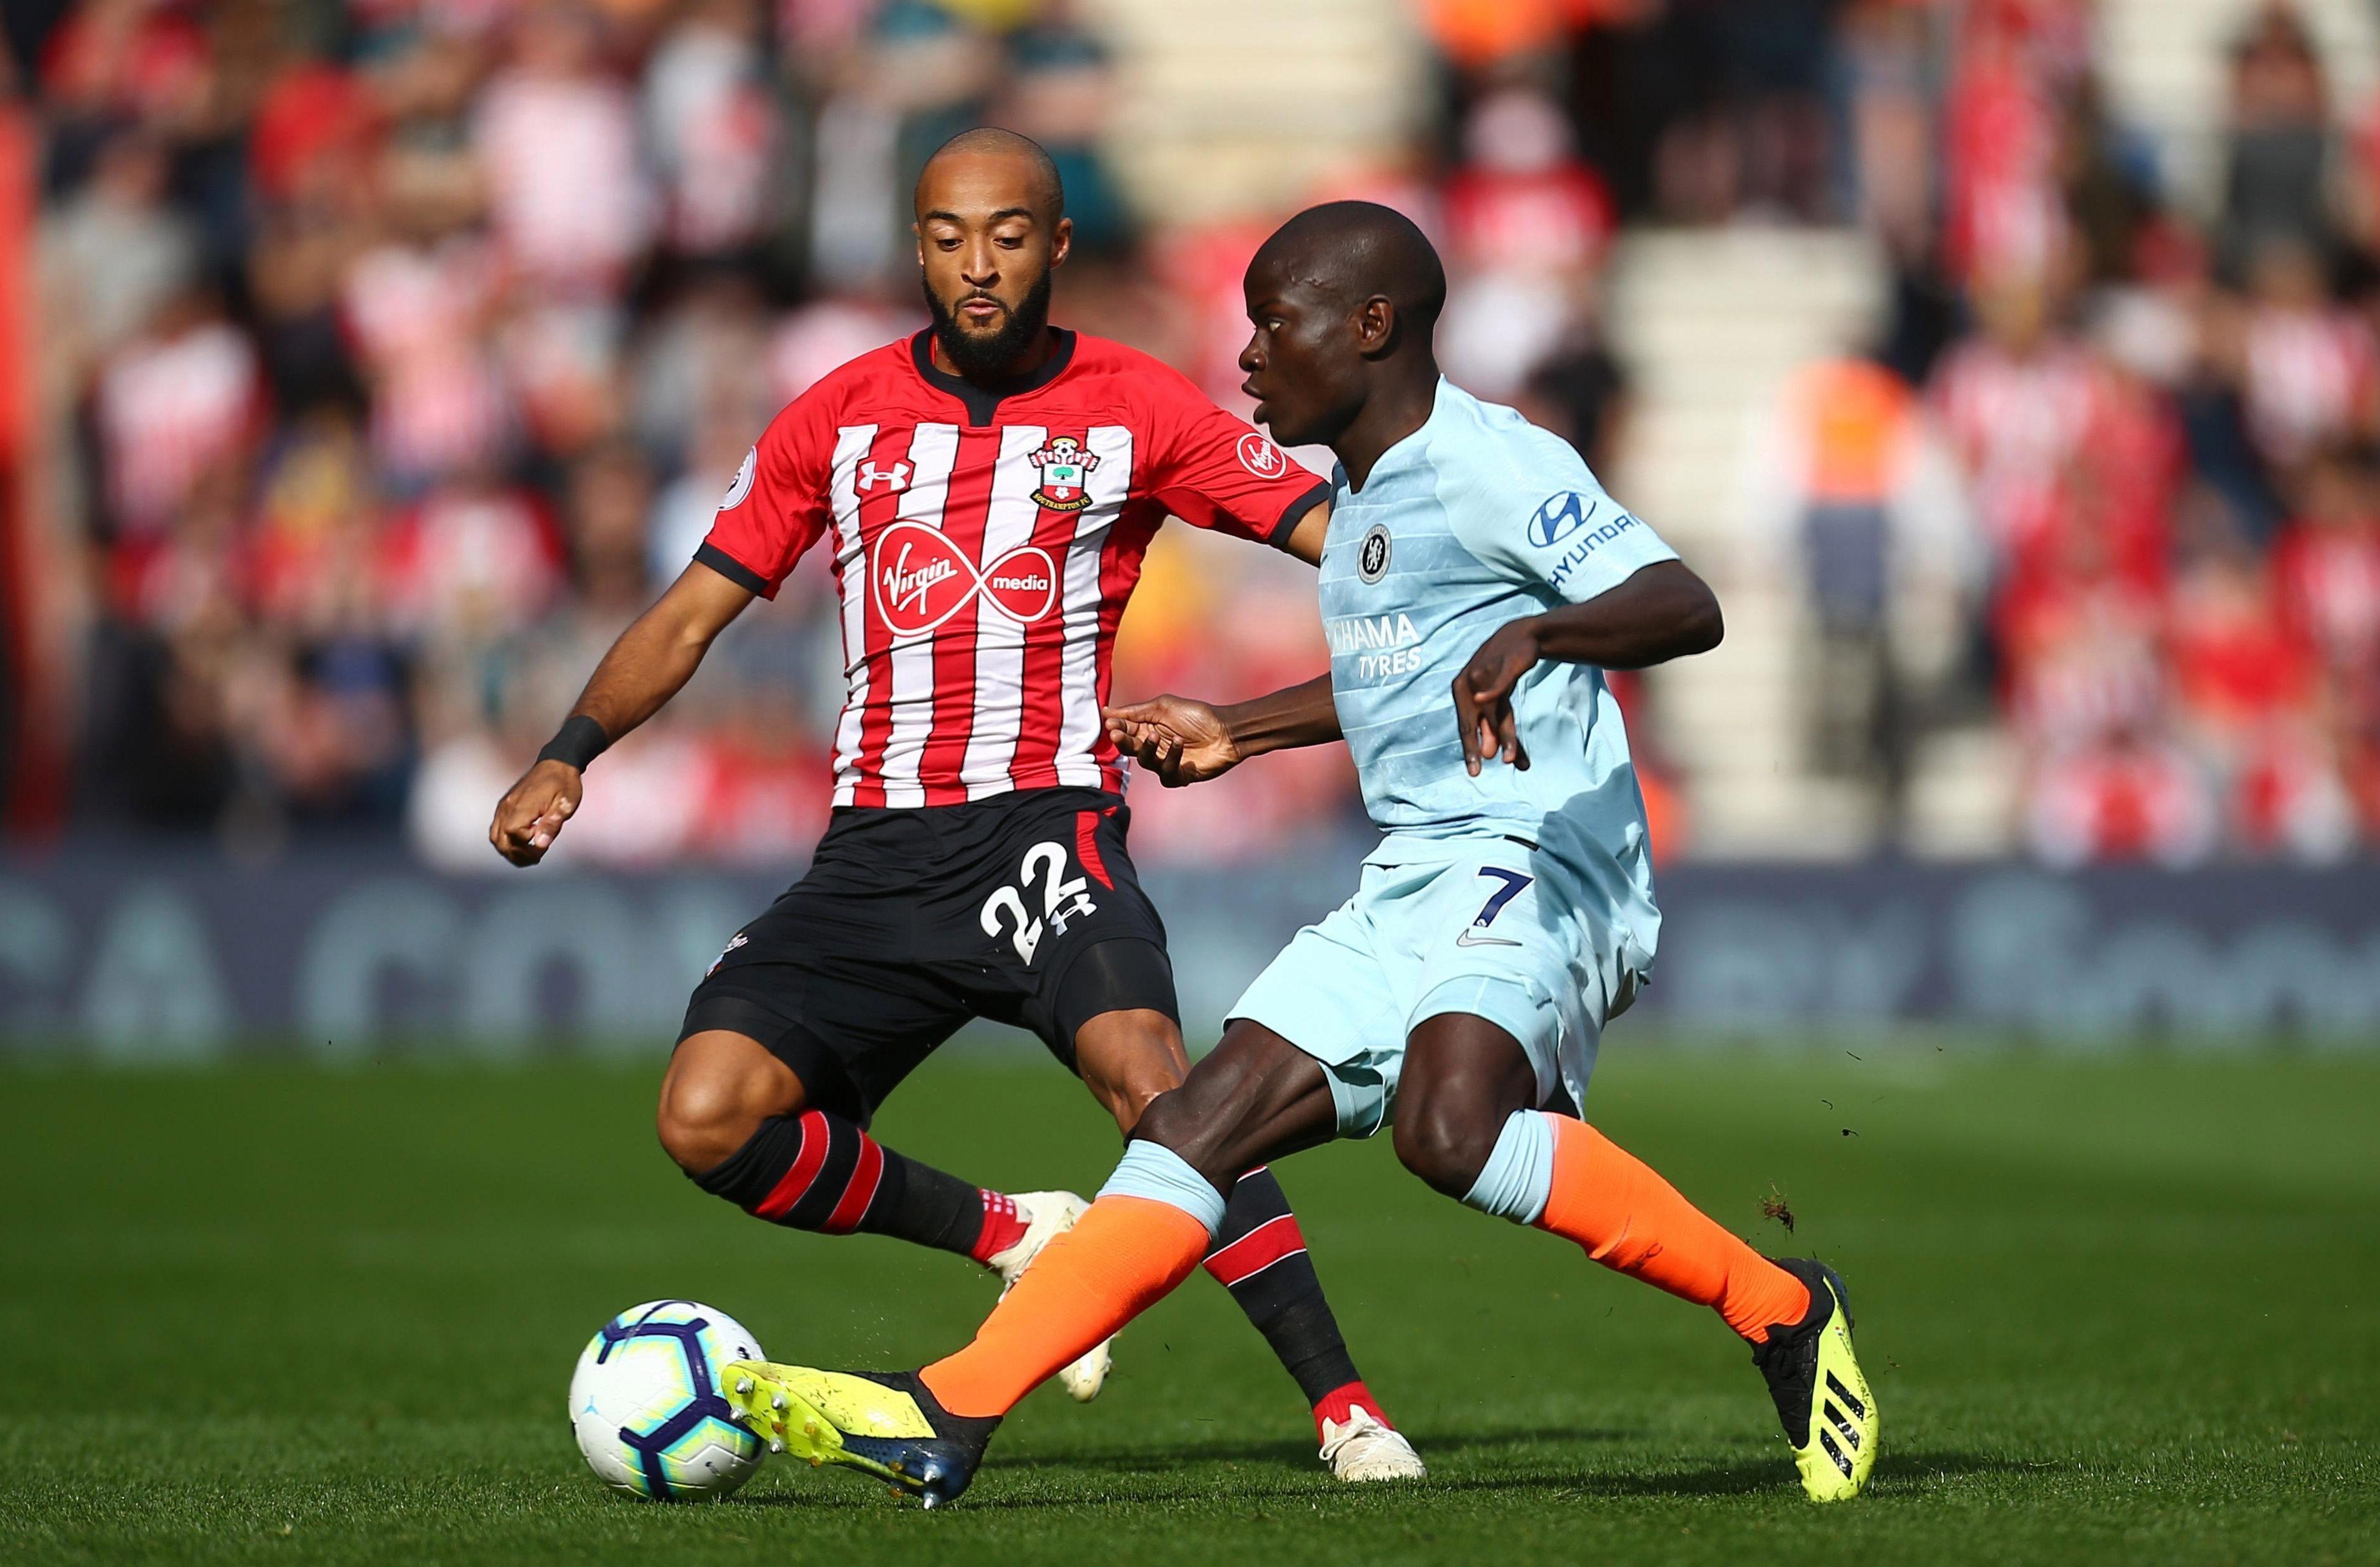 Kante takes on Southampton in the new Chelsea third kit